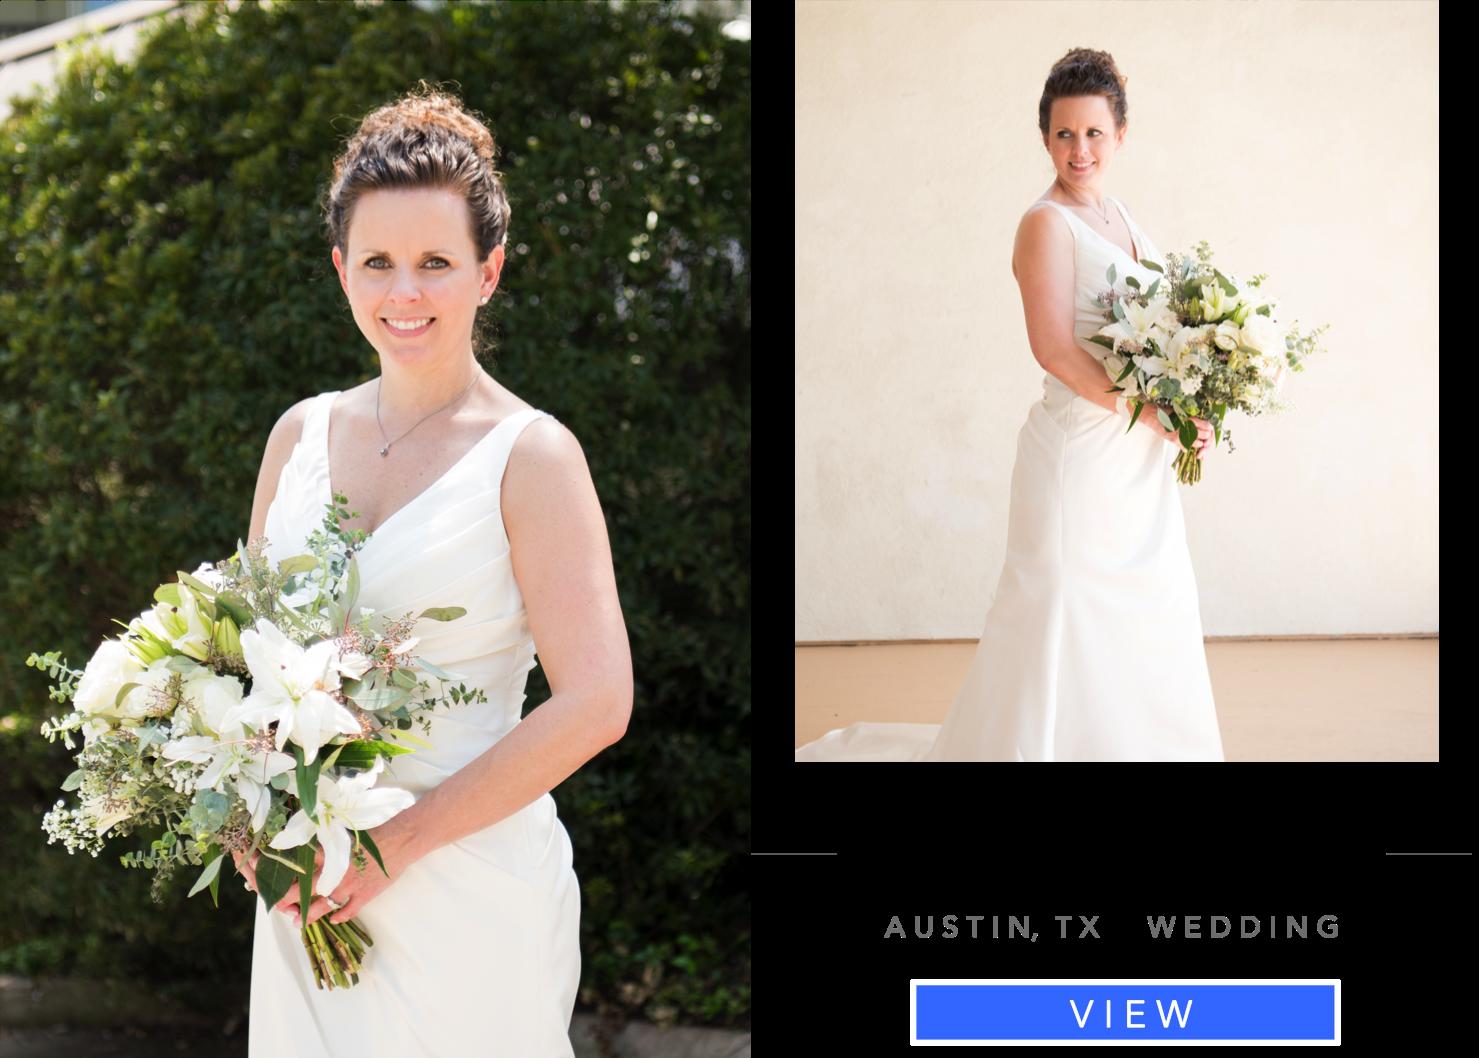 angies-floral-designs-el-paso-weddings-el-paso-bridal-bouquet-el-paso-texas-wedding-el-paso-flowershop-florist-bodas-el-paso-bridal-bouquets-bridal-items-shop-79912.png